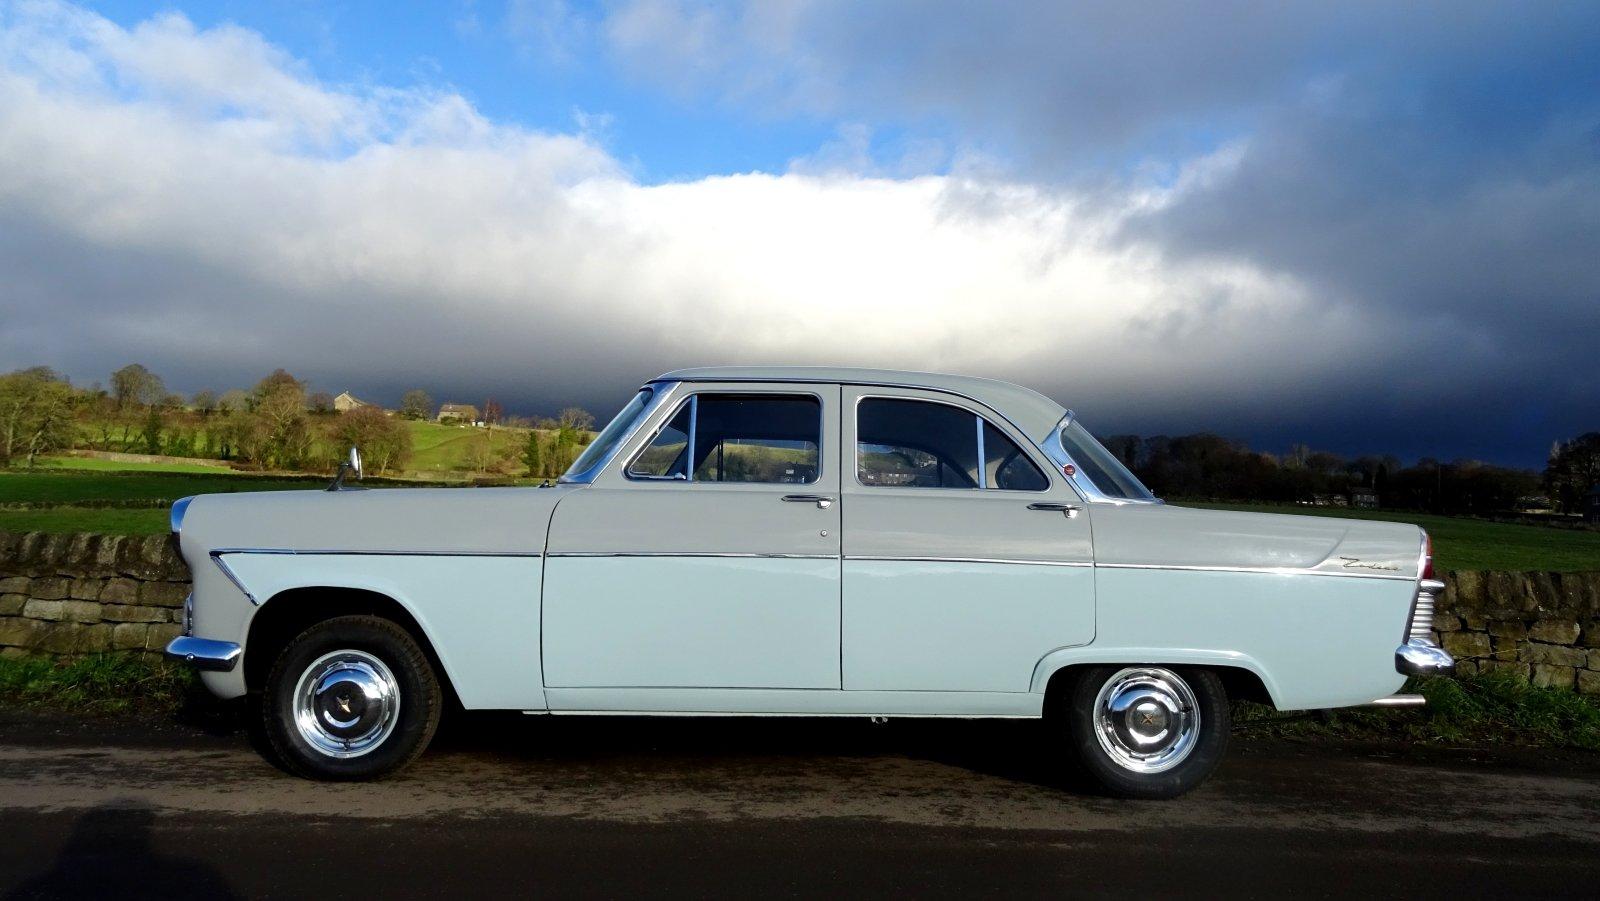 1960 FORD ZODIAC MK2 LOWLINE ORIGINAL TWO TONE COLOUR SCHEME For Sale (picture 4 of 6)